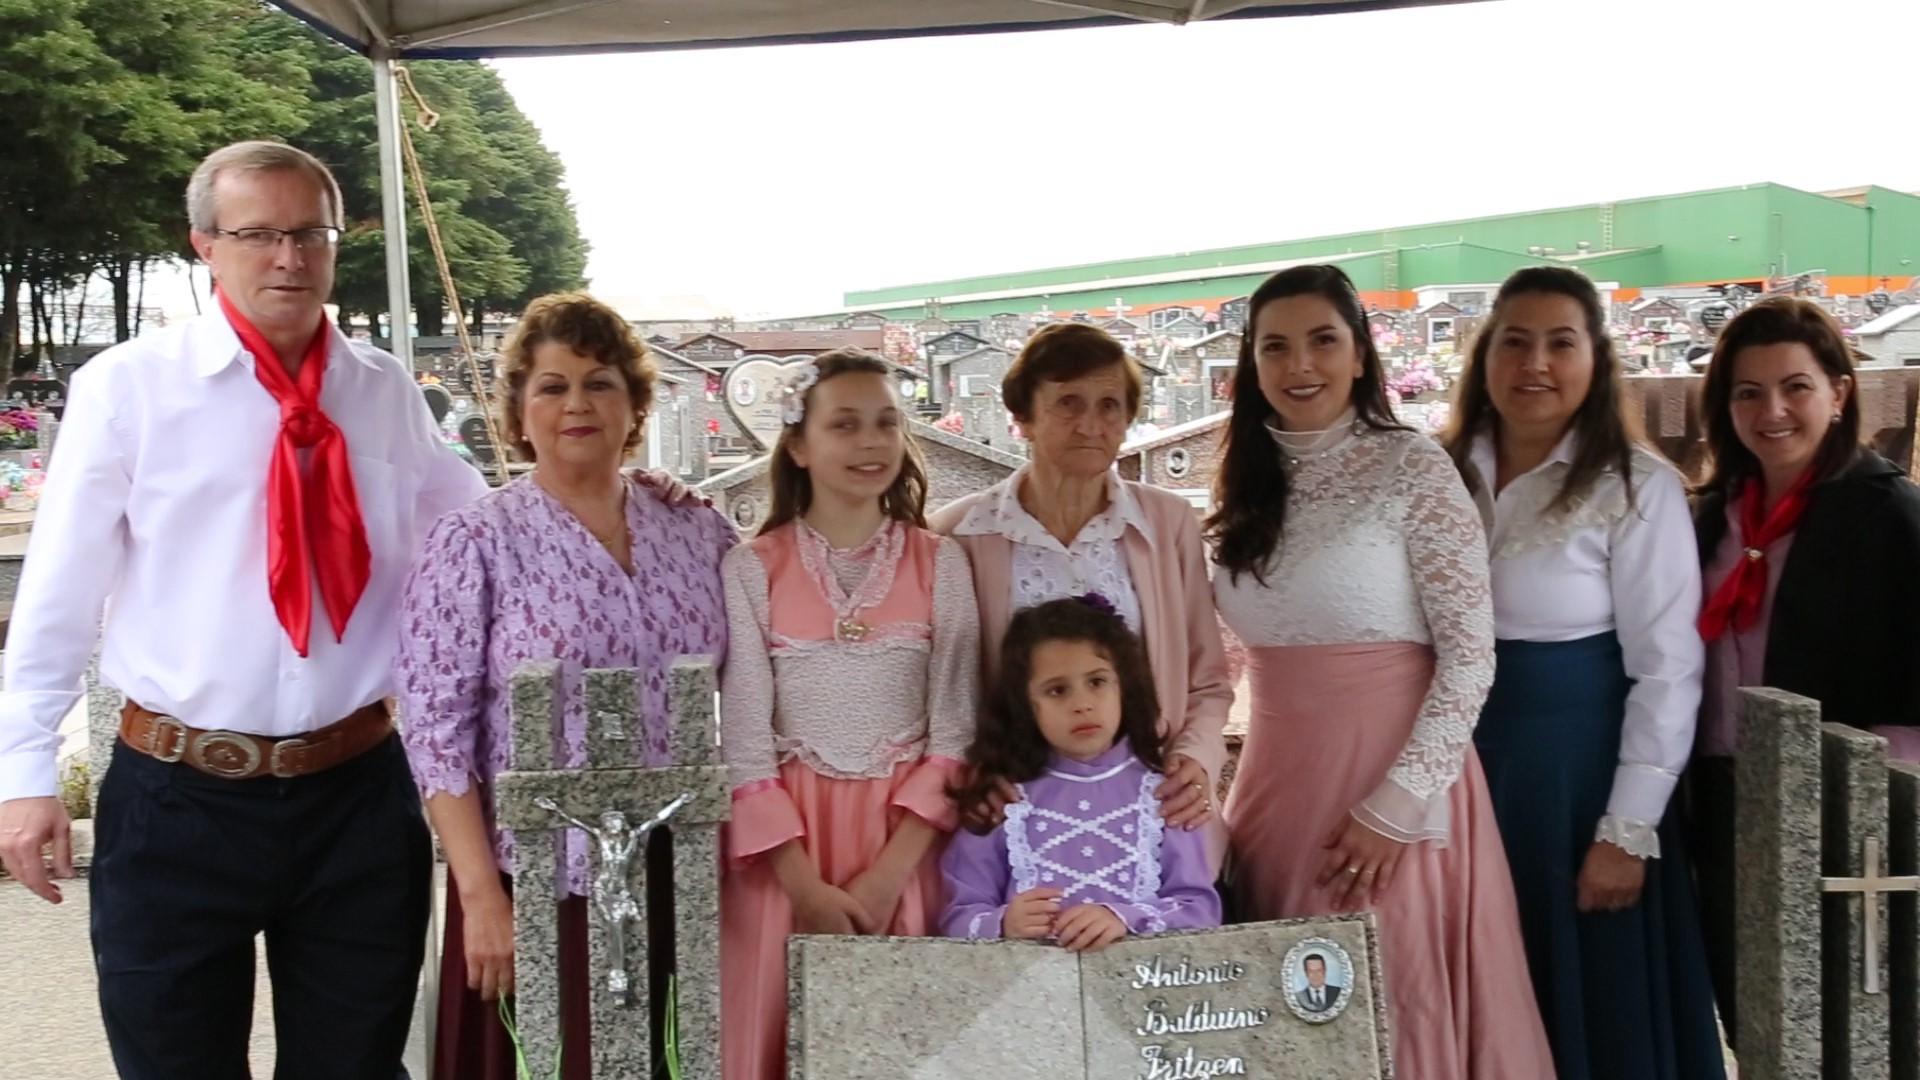 Homenagem ao Patrono dos Festejos Farroupilhas de Não-Me-Toque, Antônio Baldoino Fritzen